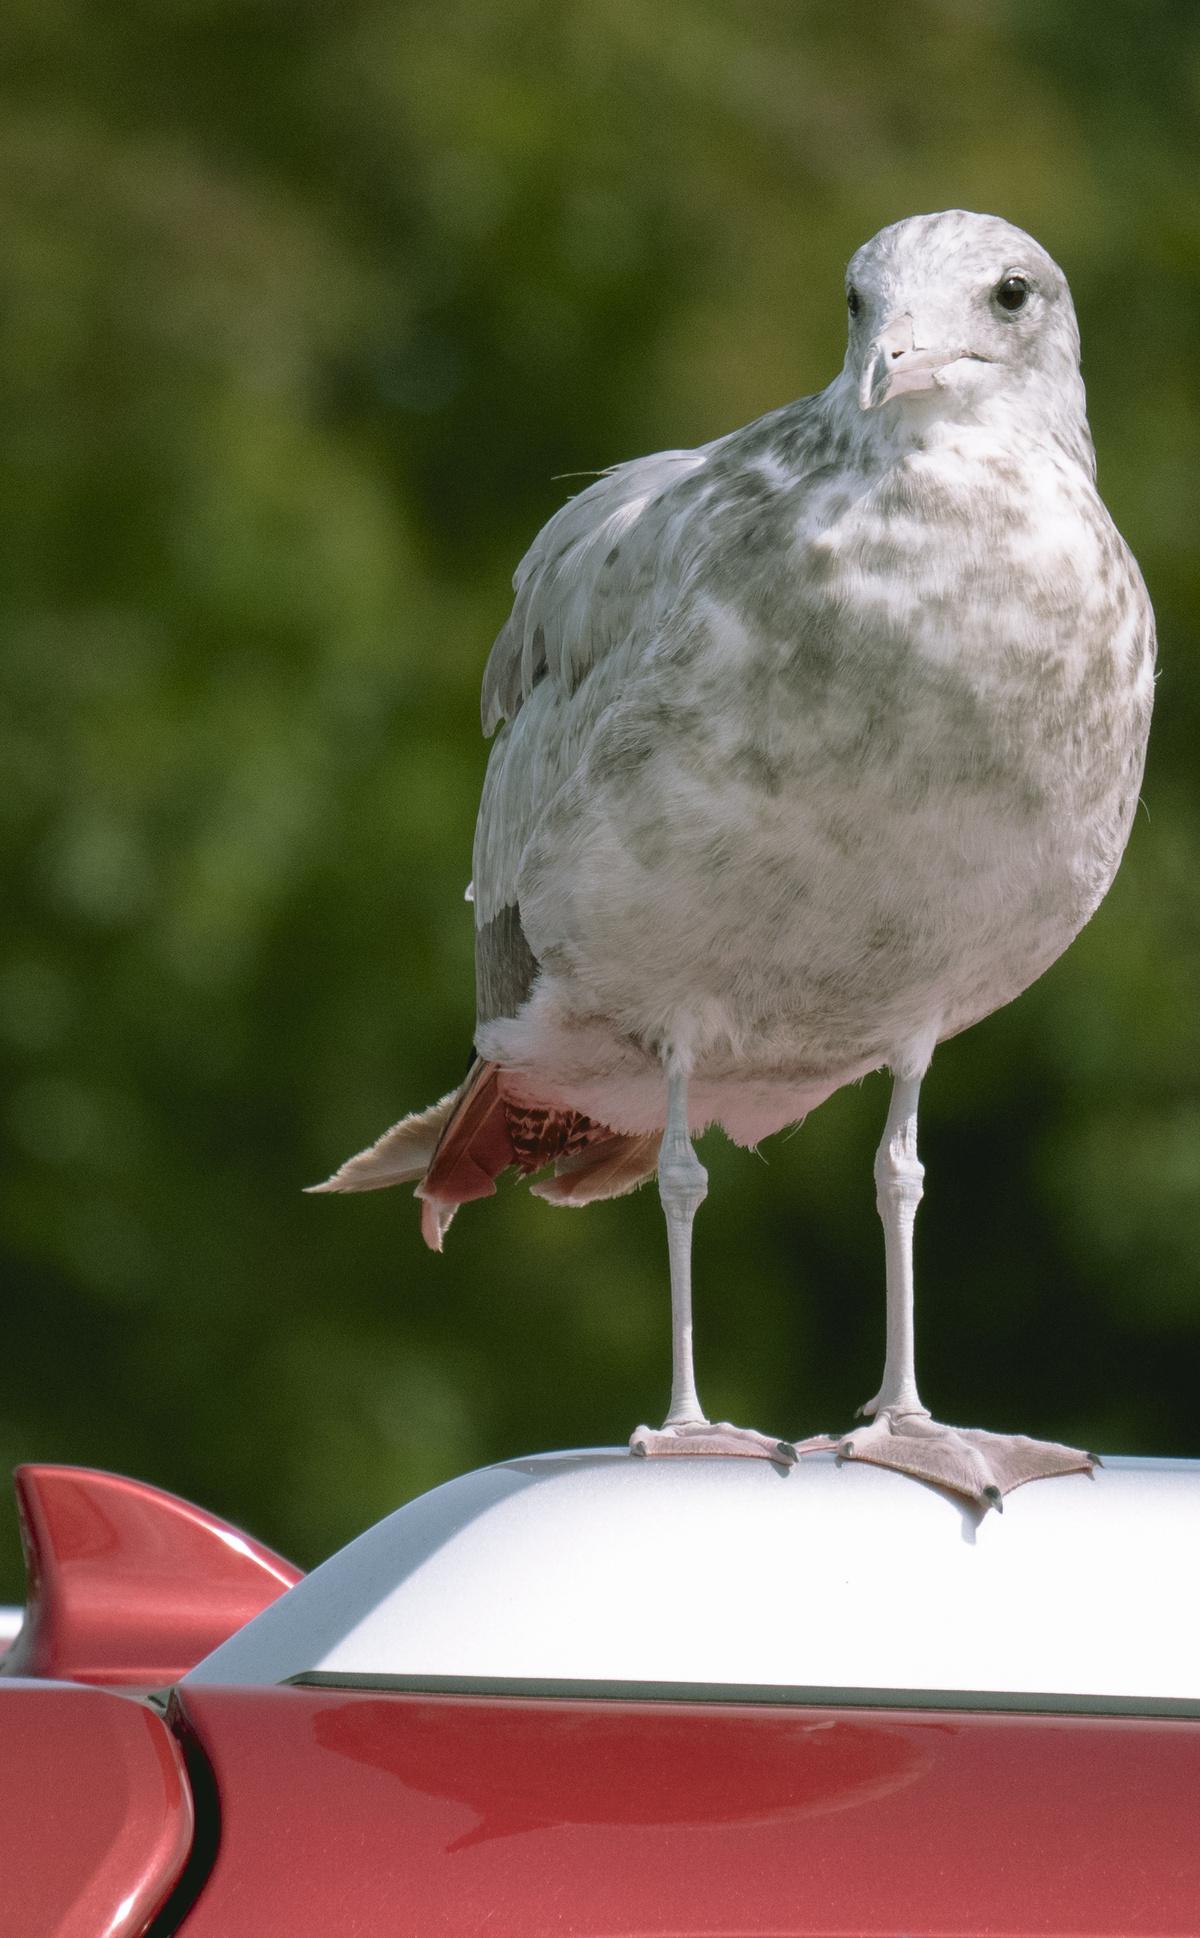 bird on the car